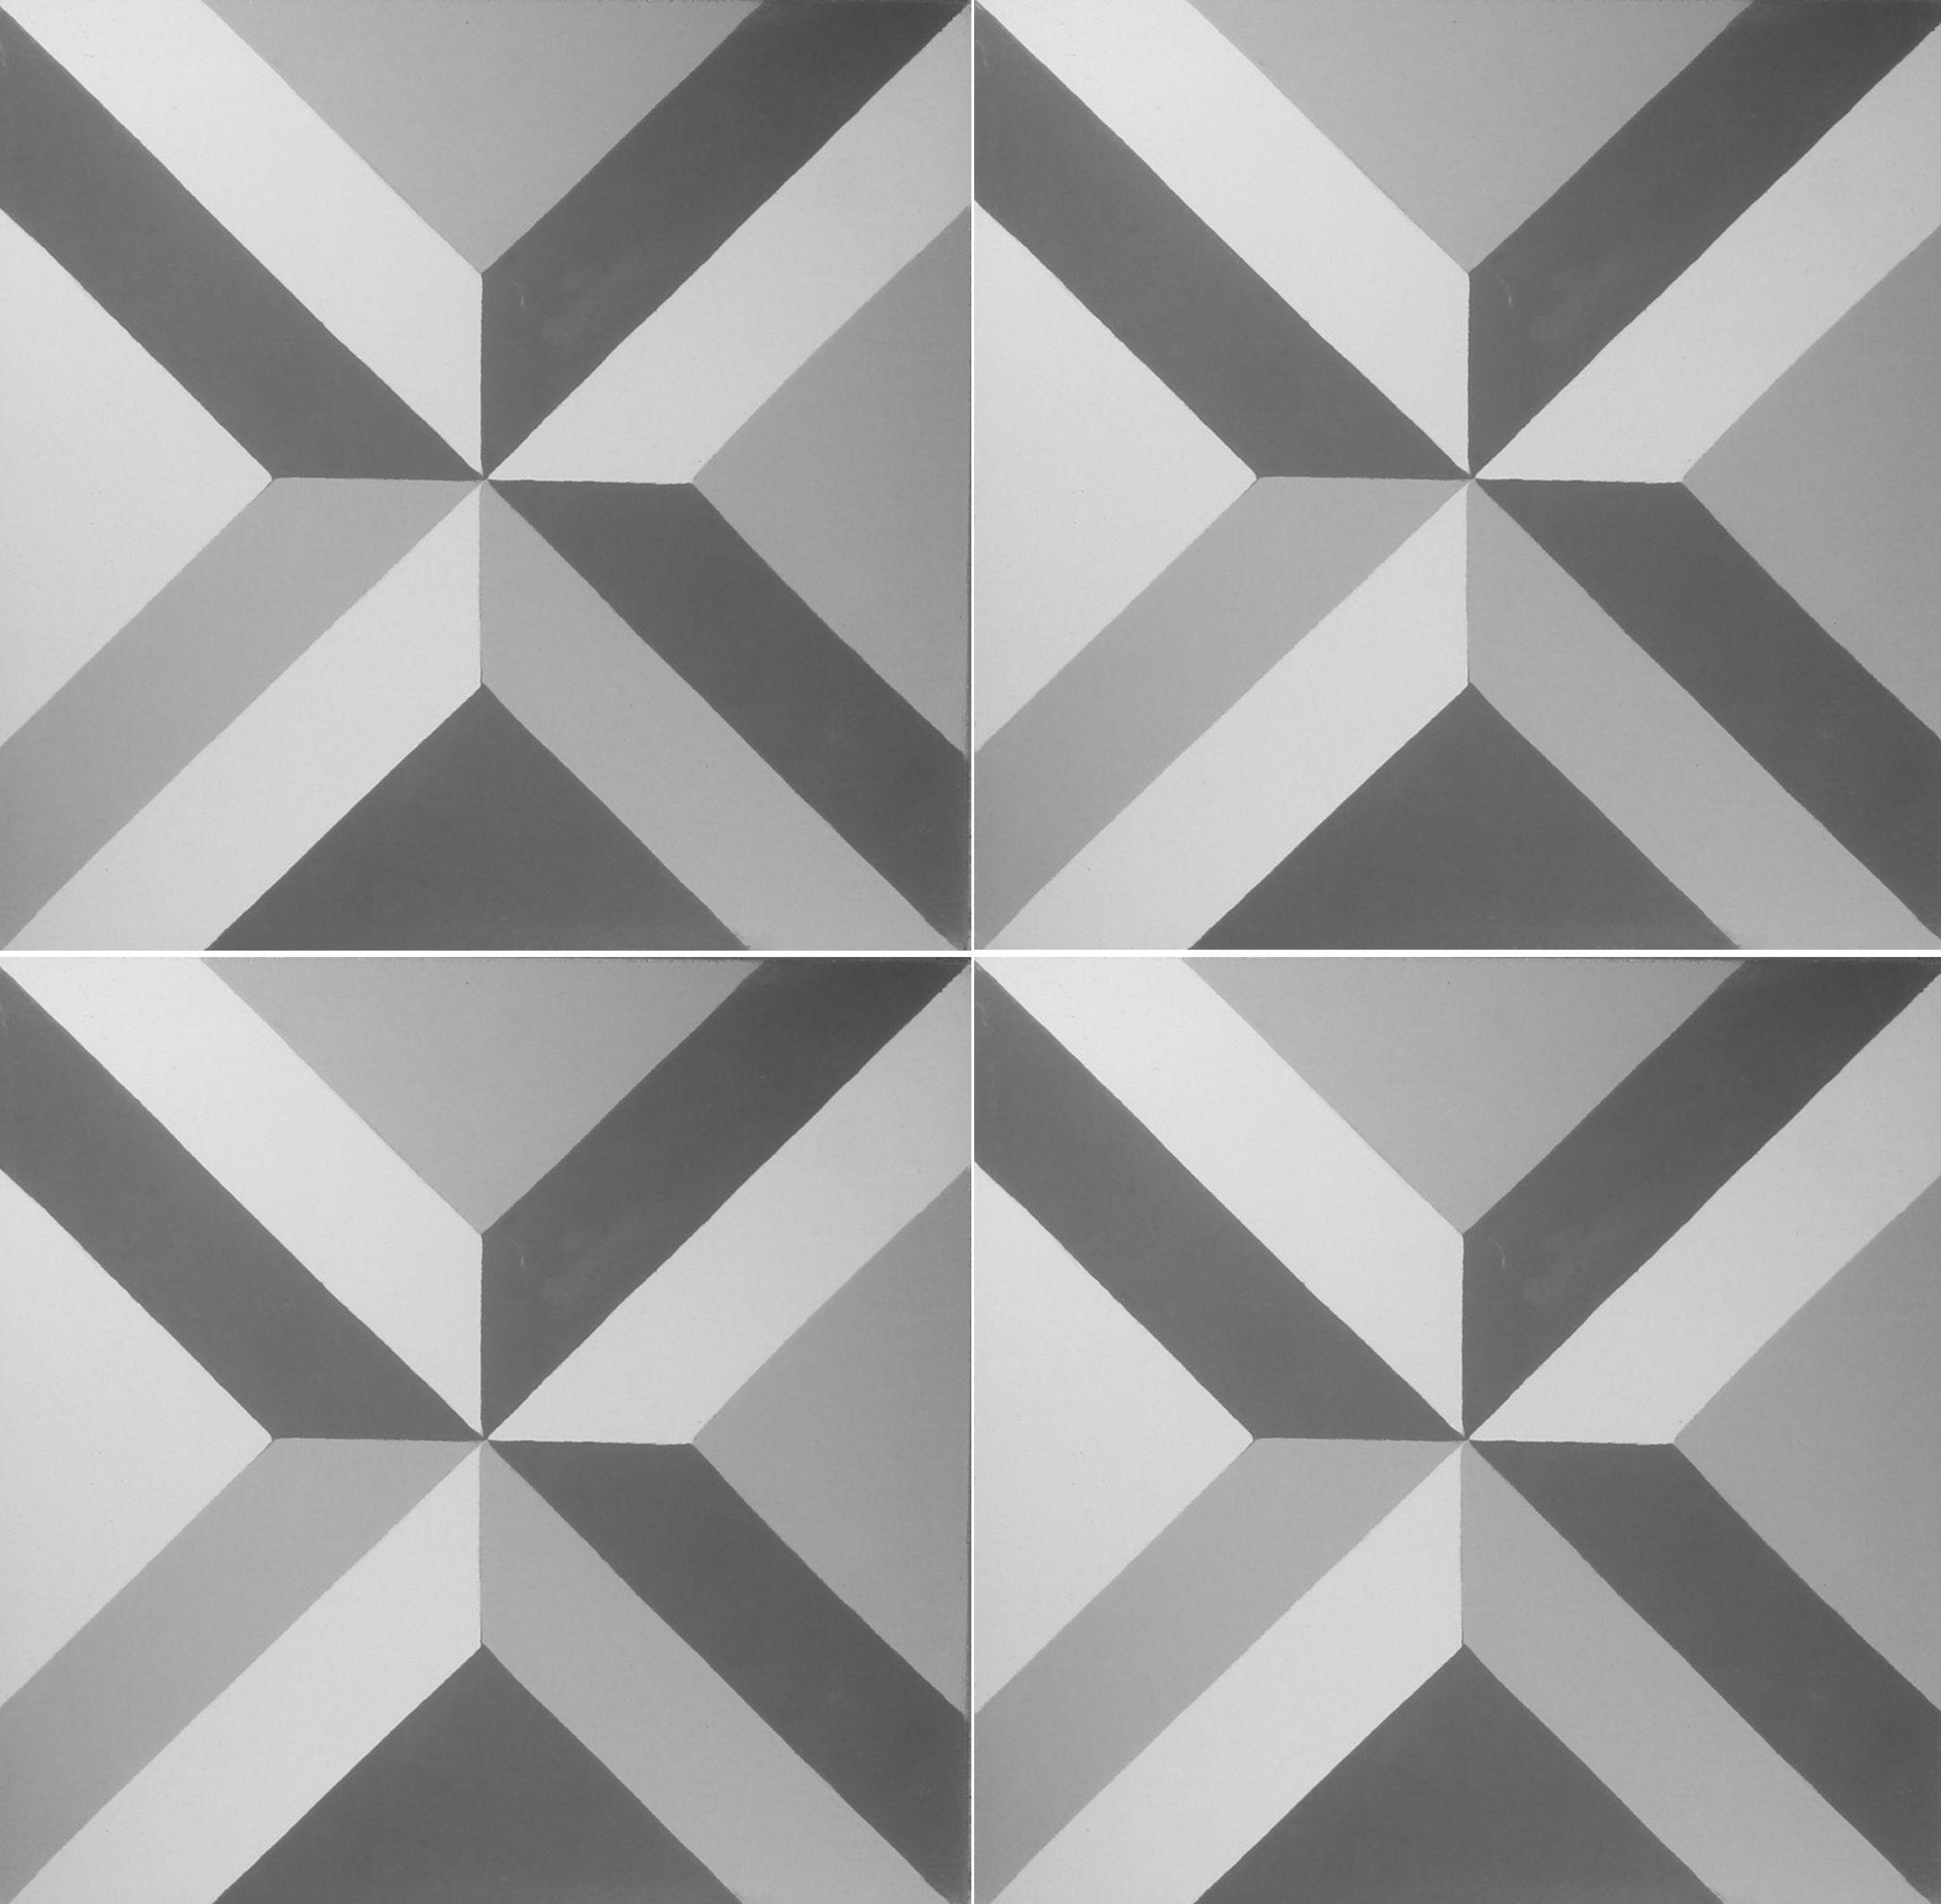 El dise o de piso serengeti 913 en colores blanco gris y silver siempre lograr un foco - Disenos de pisos para interiores ...